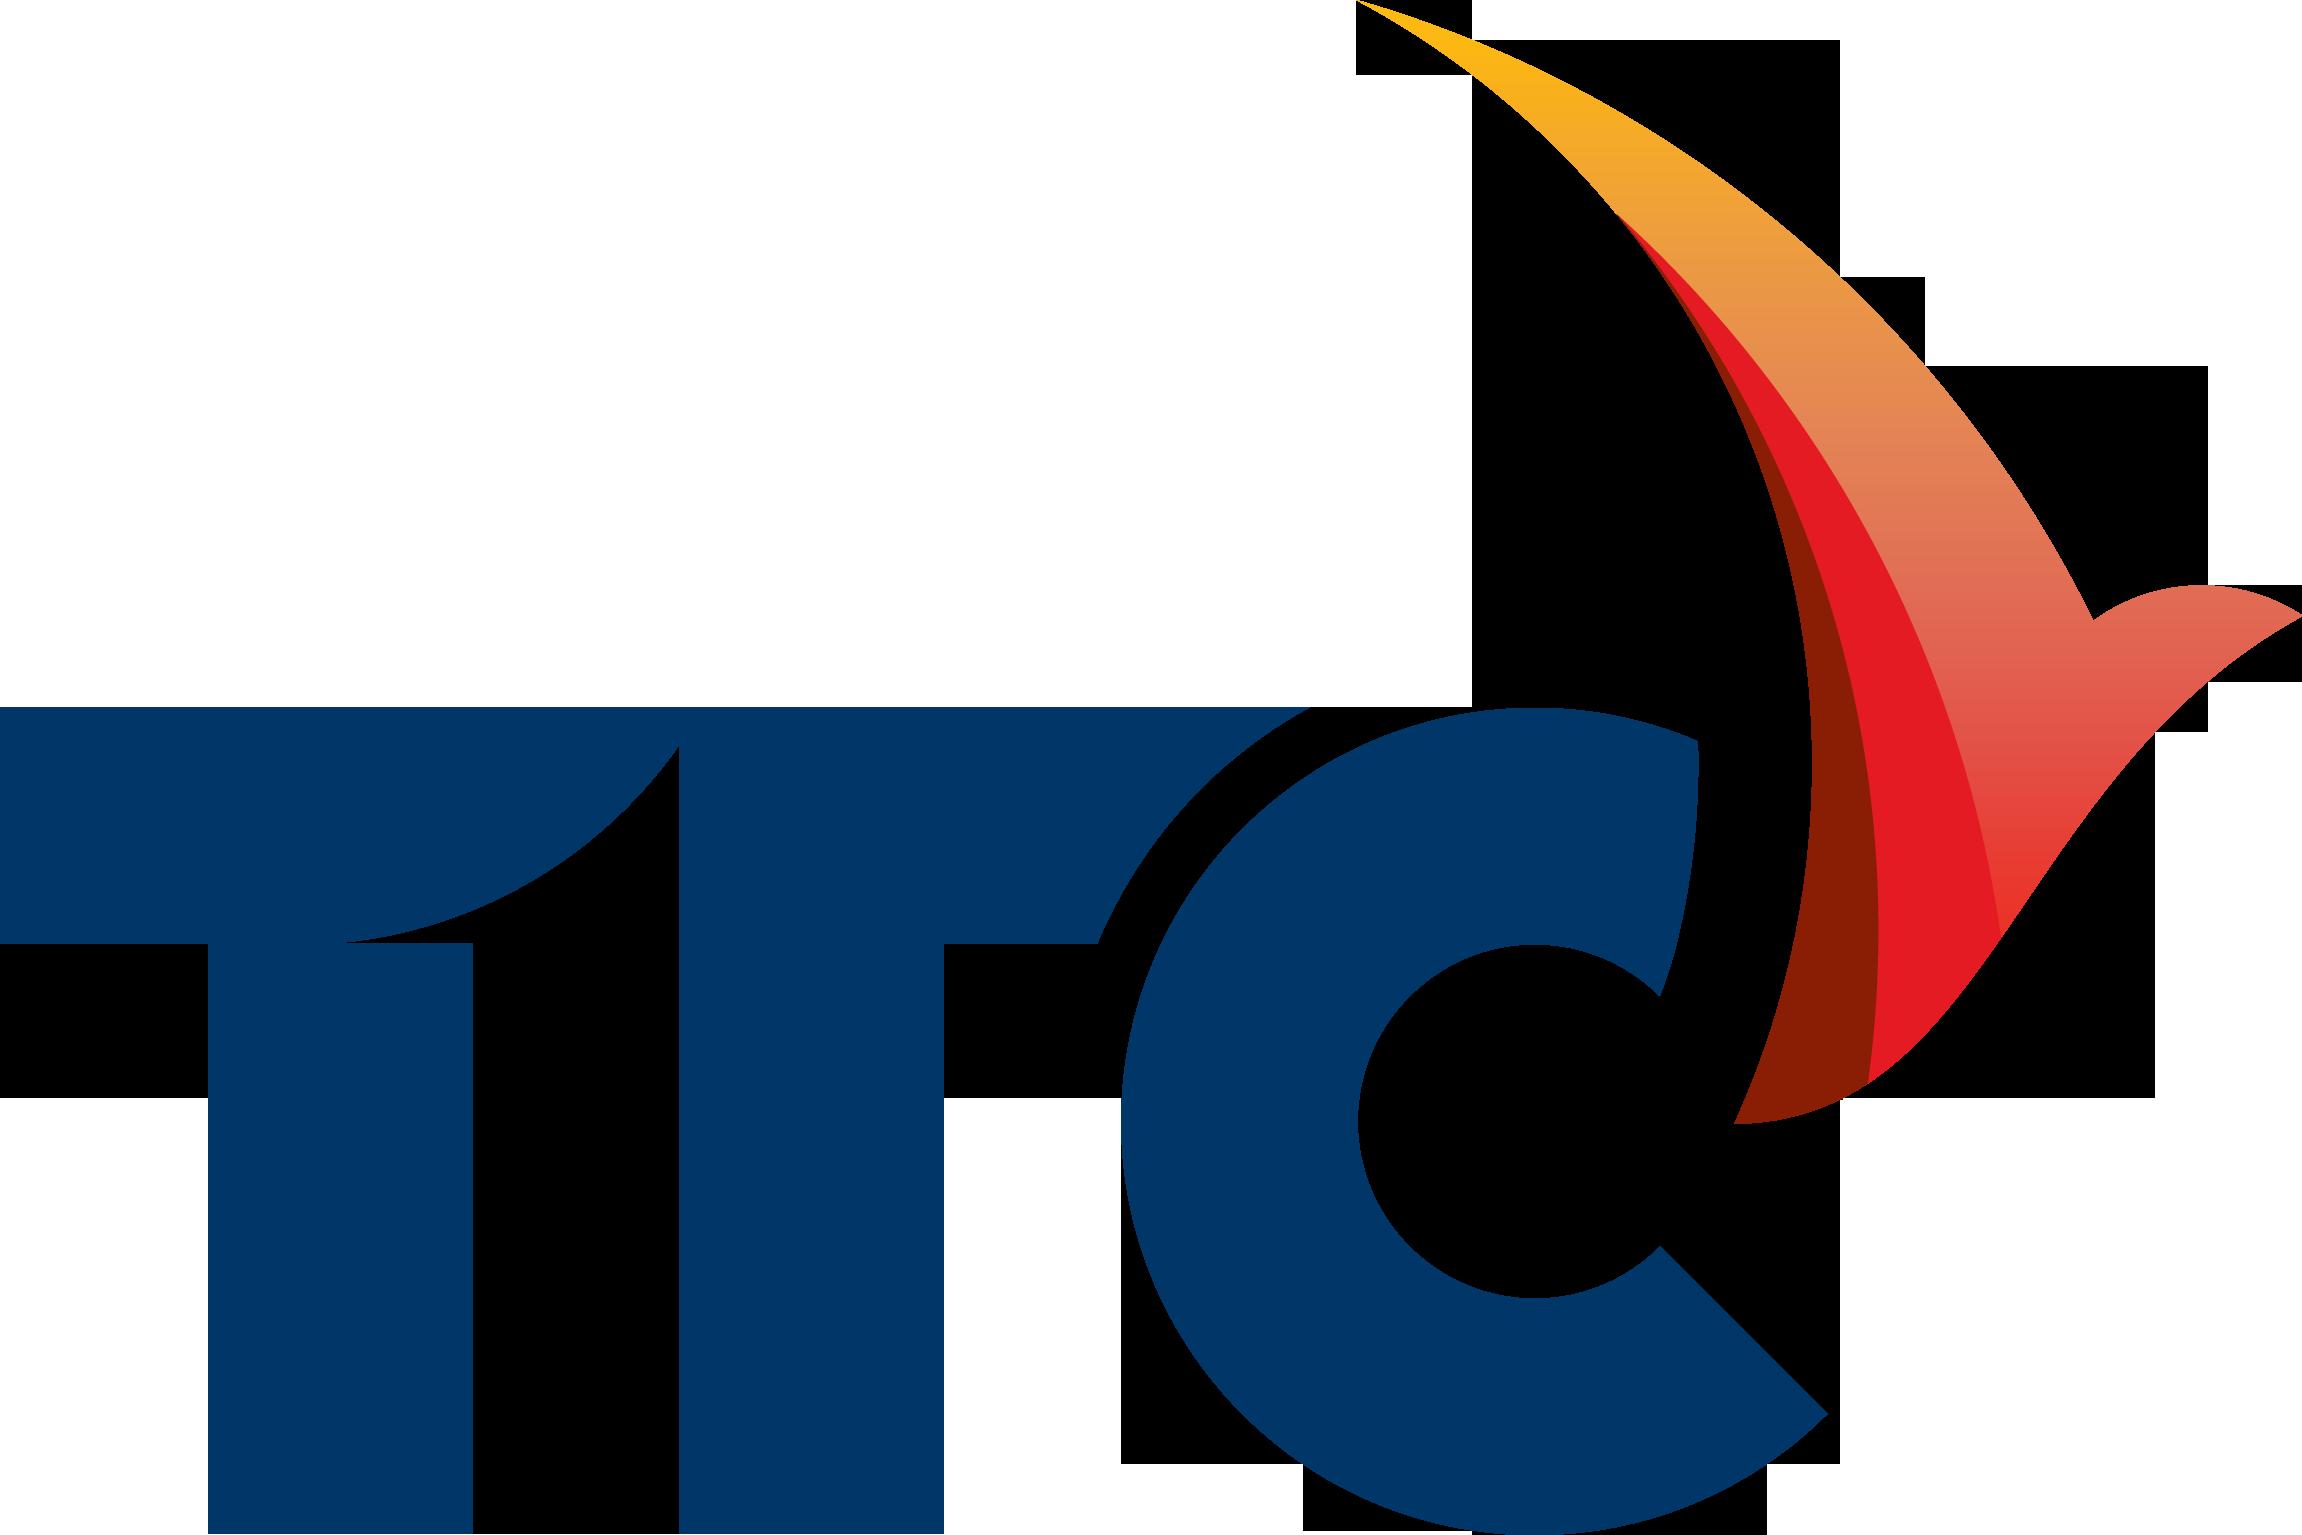 Tập đoàn Thành Thành Công (TTC Group)